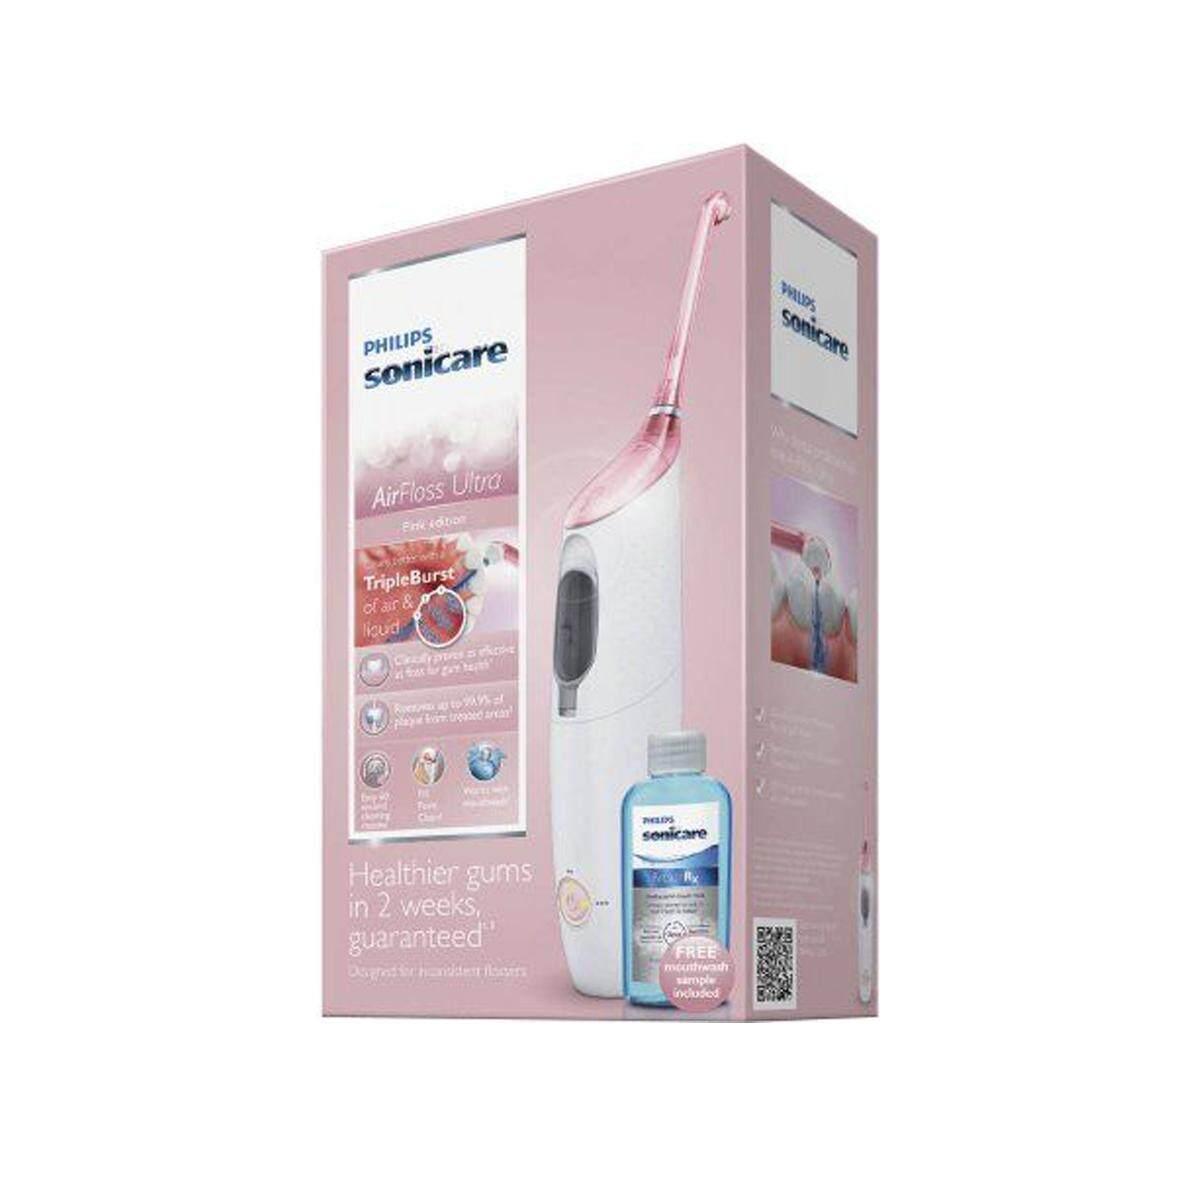 แปรงสีฟันไฟฟ้า รอยยิ้มขาวสดใสใน 1 สัปดาห์ ยโสธร Philips Sonicare Airfloss Ultra Model HX8332 12   ชุดแปรงสีฟันไฟฟ้า